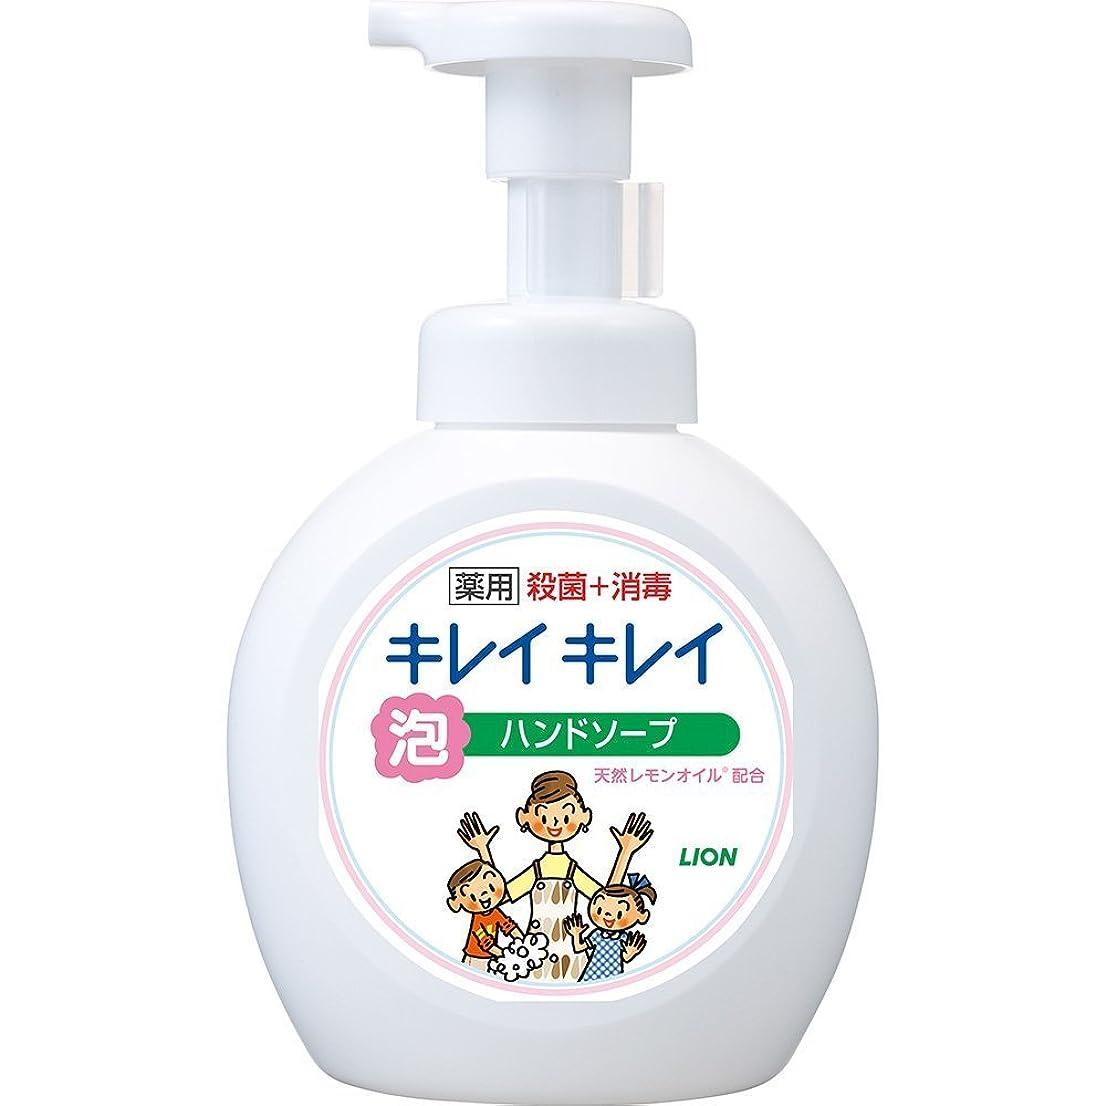 花束フェミニン白いキレイキレイ 薬用 泡ハンドソープ シトラスフルーティの香り 本体ポンプ 大型サイズ 500ml(医薬部外品)